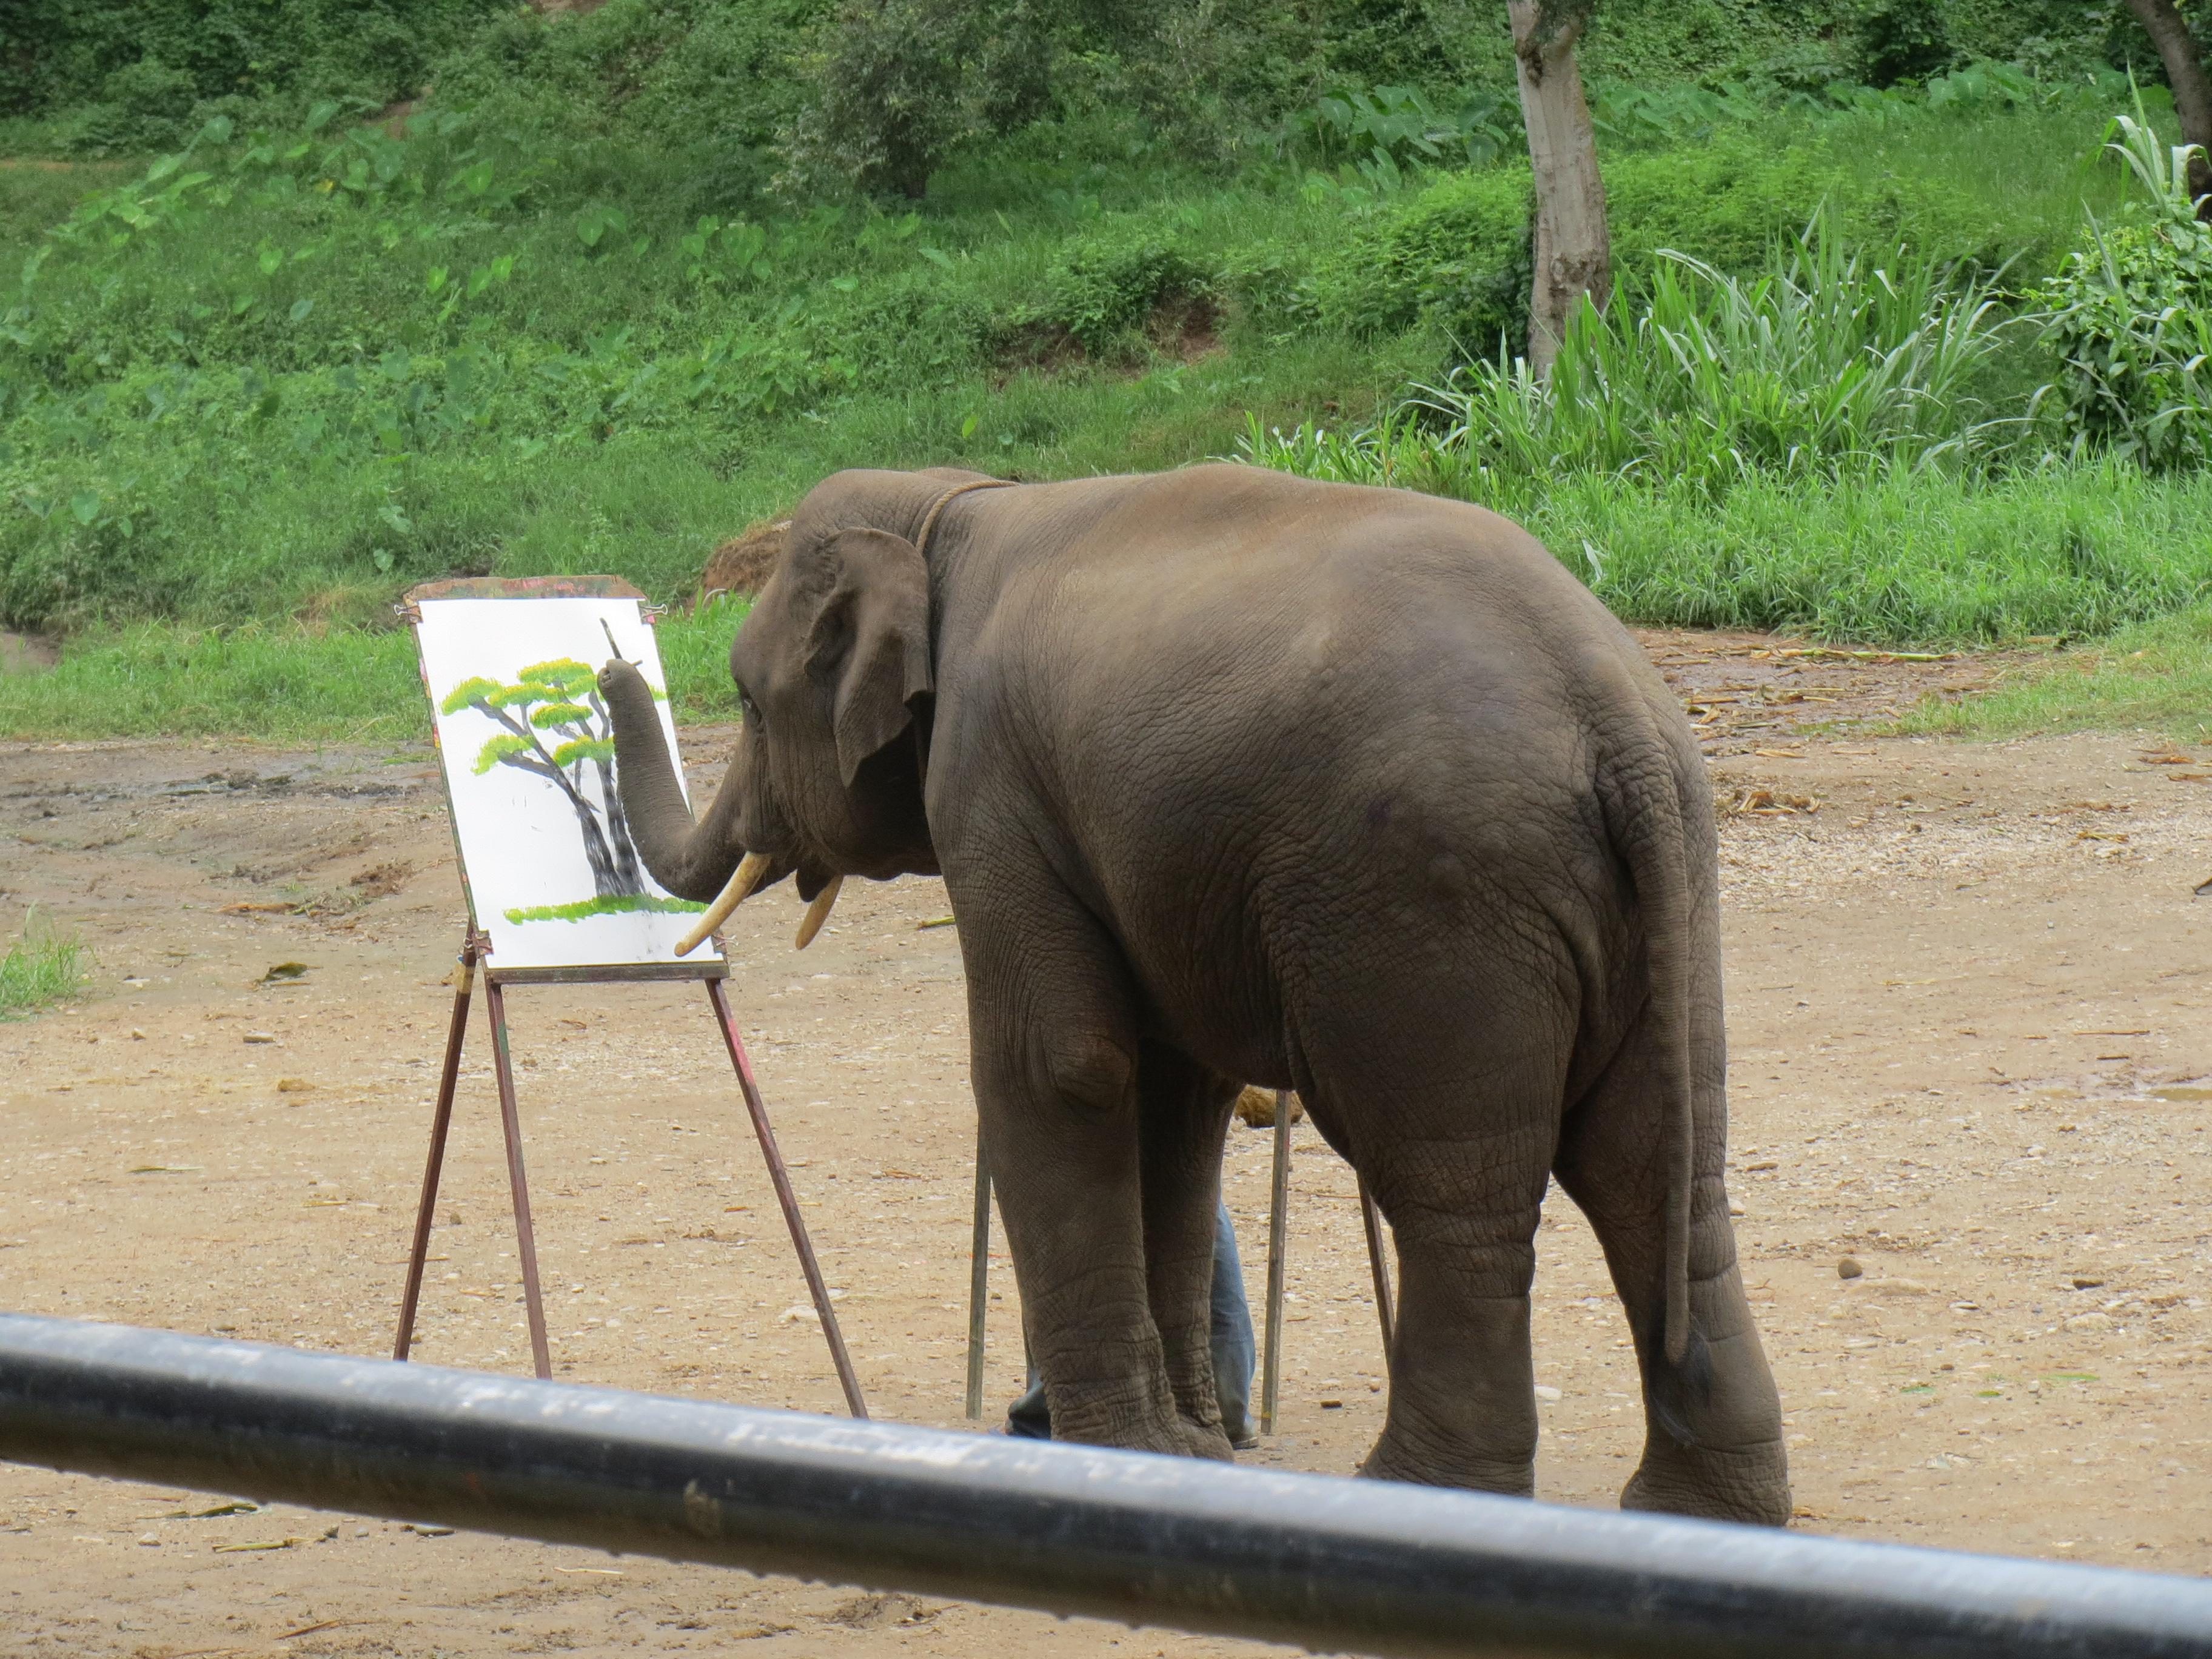 壁纸 大象 动物 3648_2736